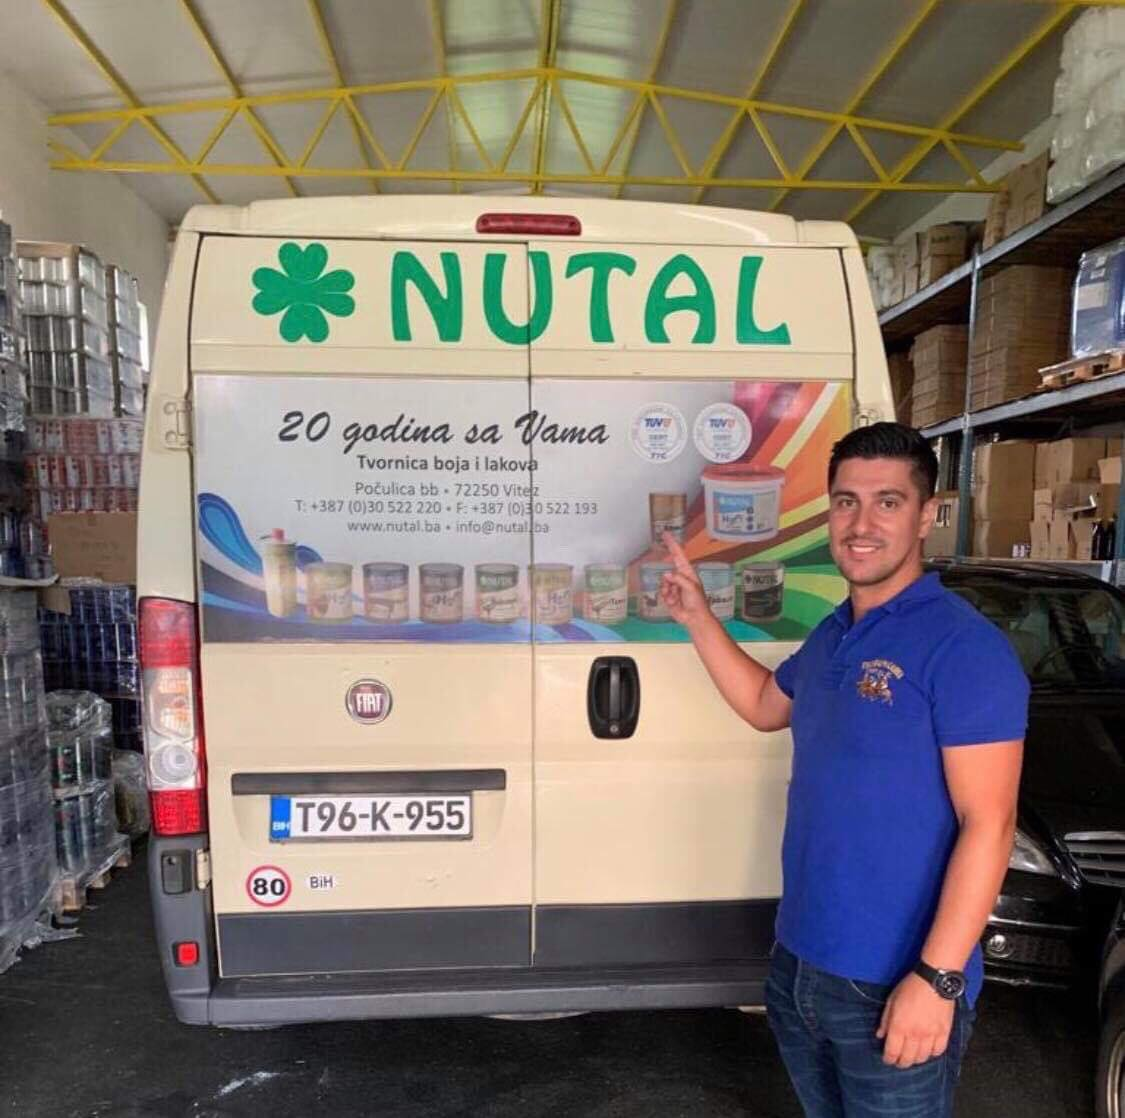 Uspješni Banjalučanin sa adresom u Beču Samir Heralić širi biznis: Na sve načine pomažem domovini, otvaranje novih radnih mjesta nas posebno raduje